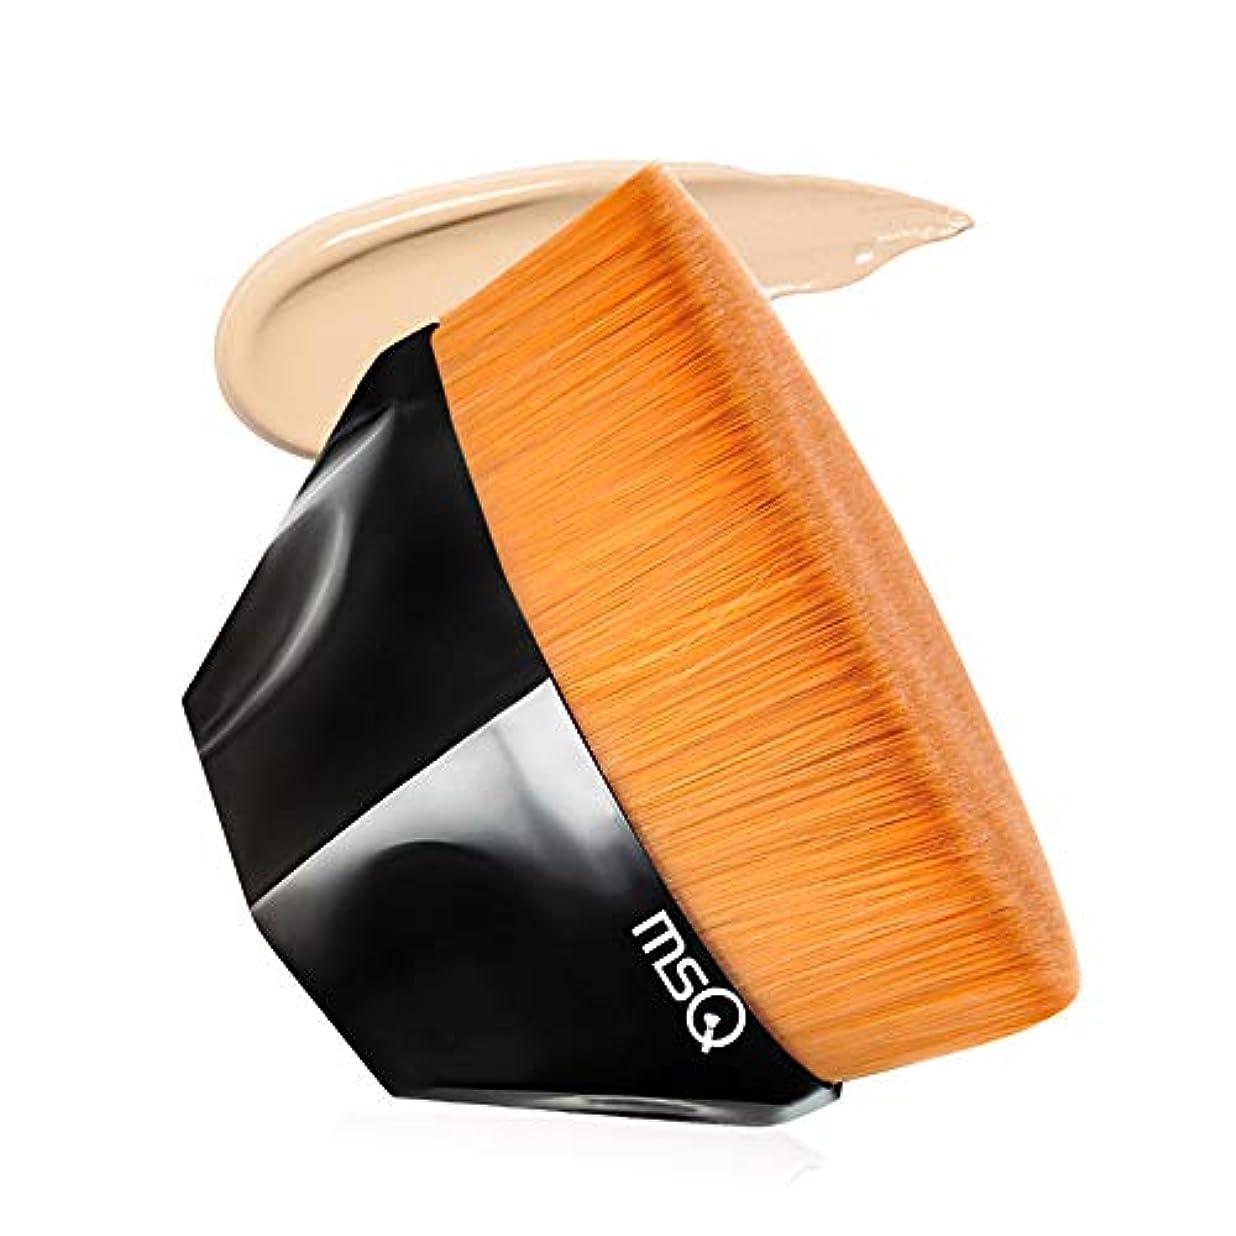 銀河前述の失業者MSQ 化粧ブラシ 人気 メイクブラシ メイクアップブラシ 粧ブラシ 可愛い 化粧筆 肌に優しい ファンデーションブラシ アイシャドウブラシ 携帯便利